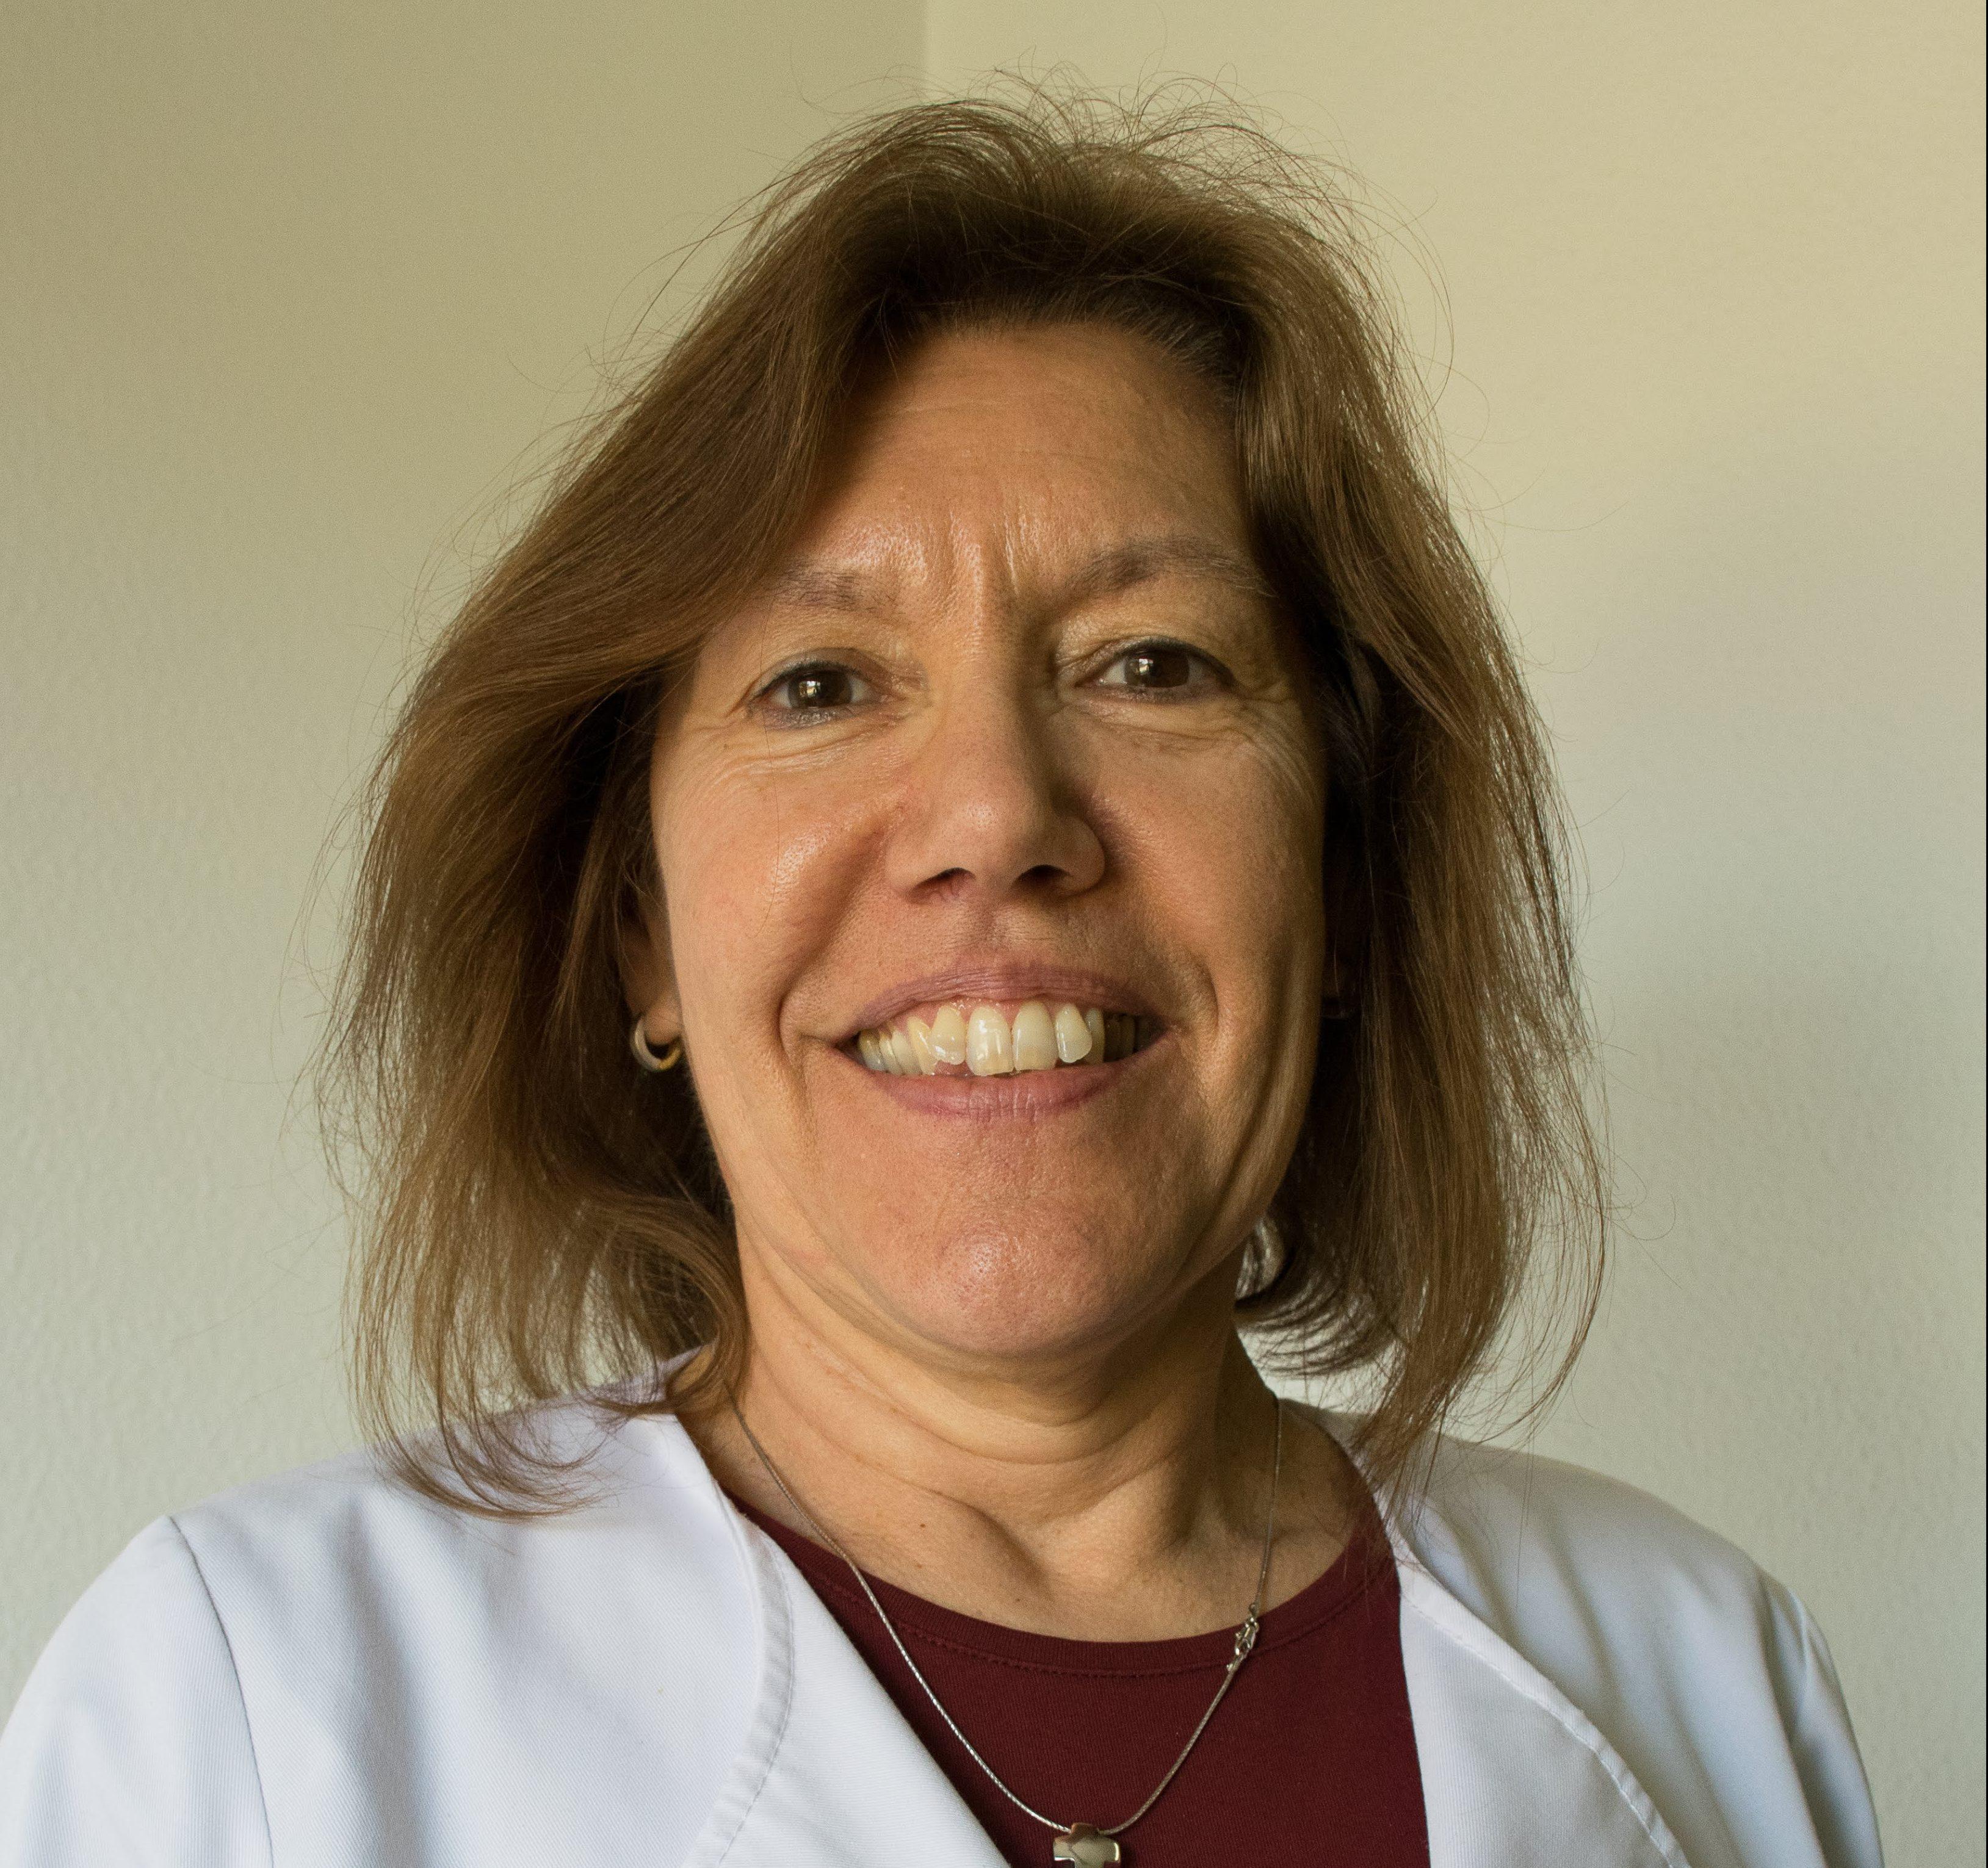 Drª. Isabel Breda